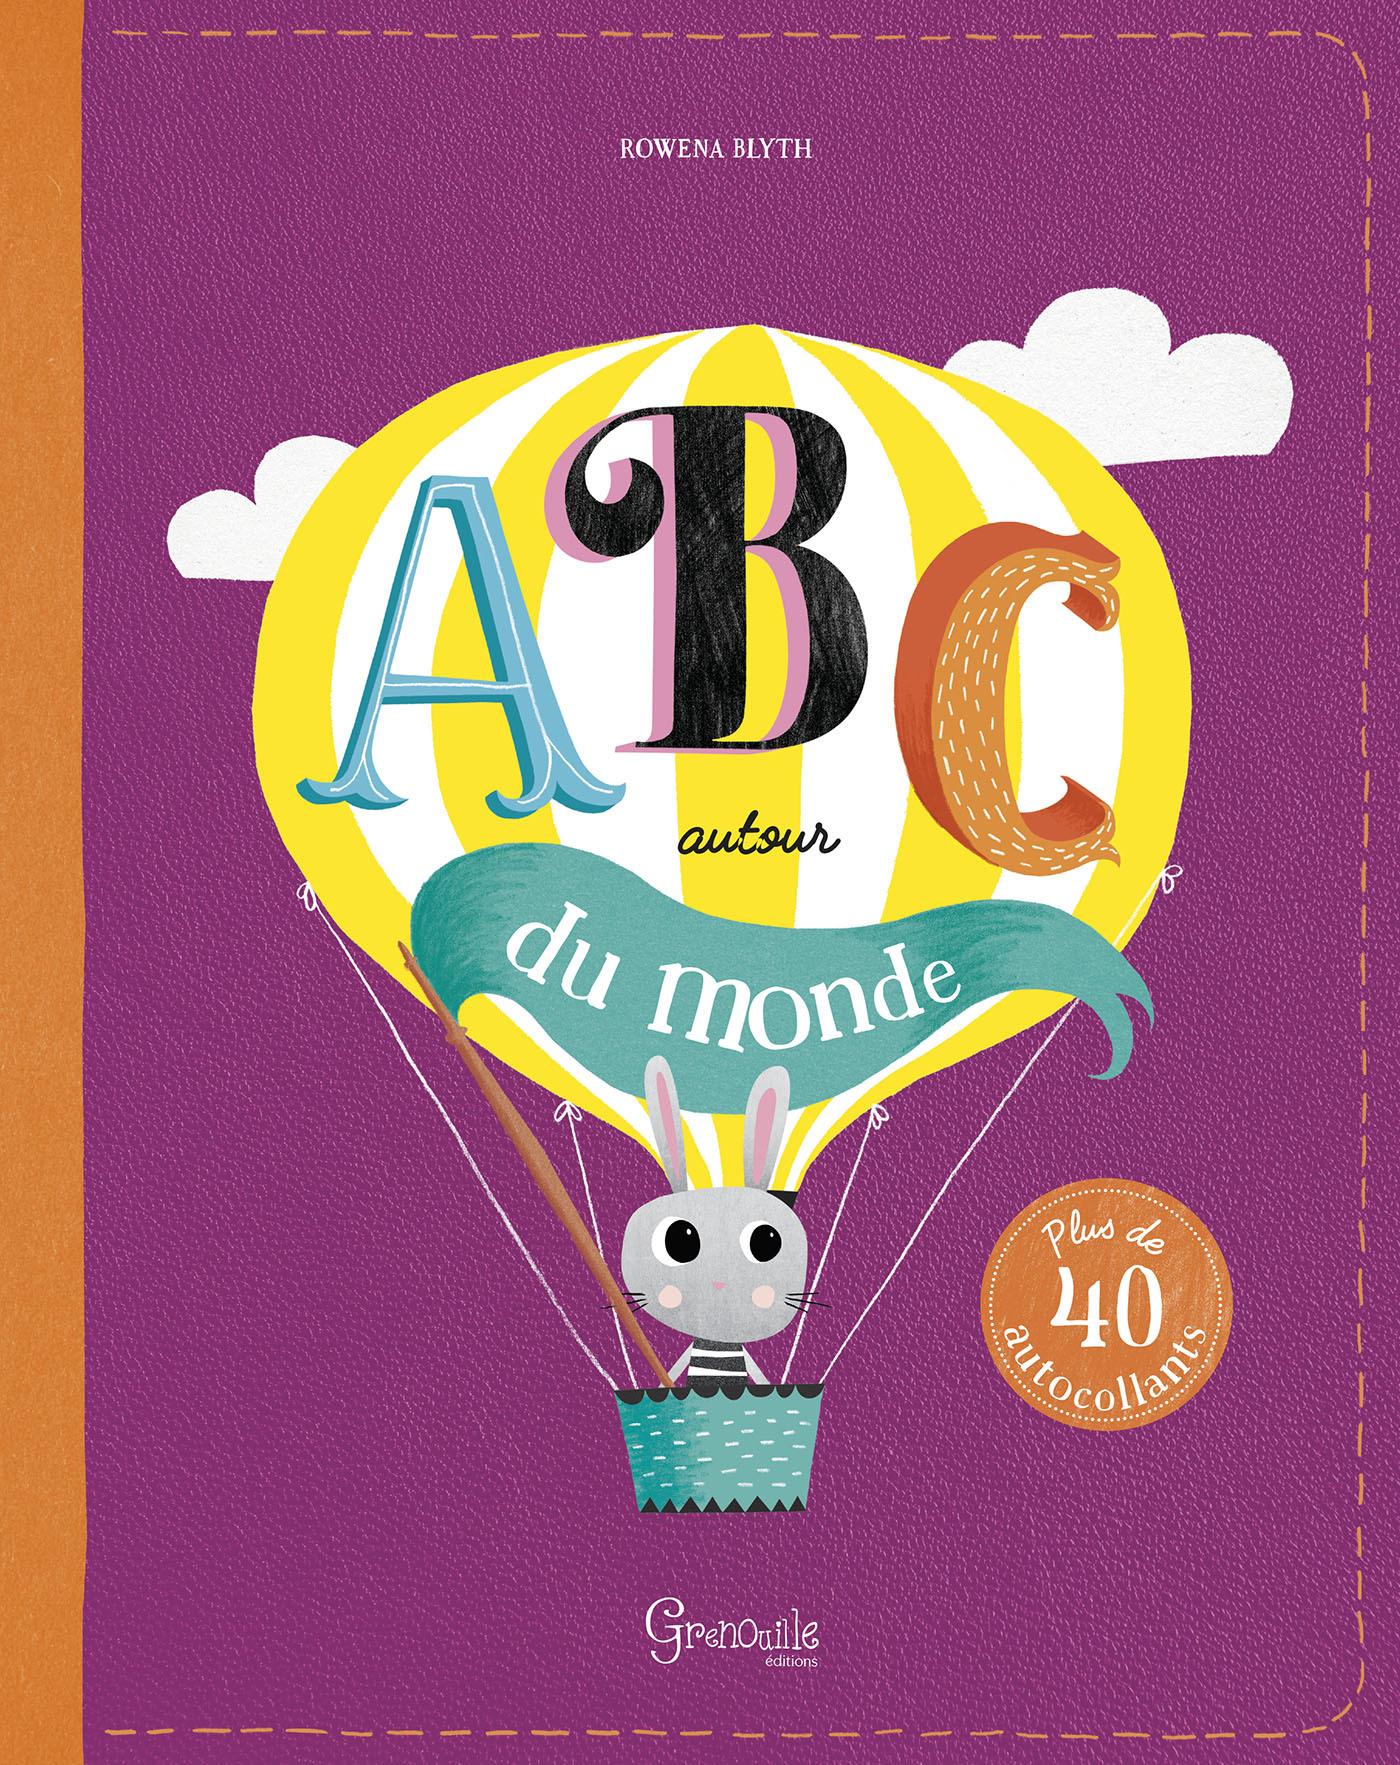 ABC AUTOUR DU MONDE